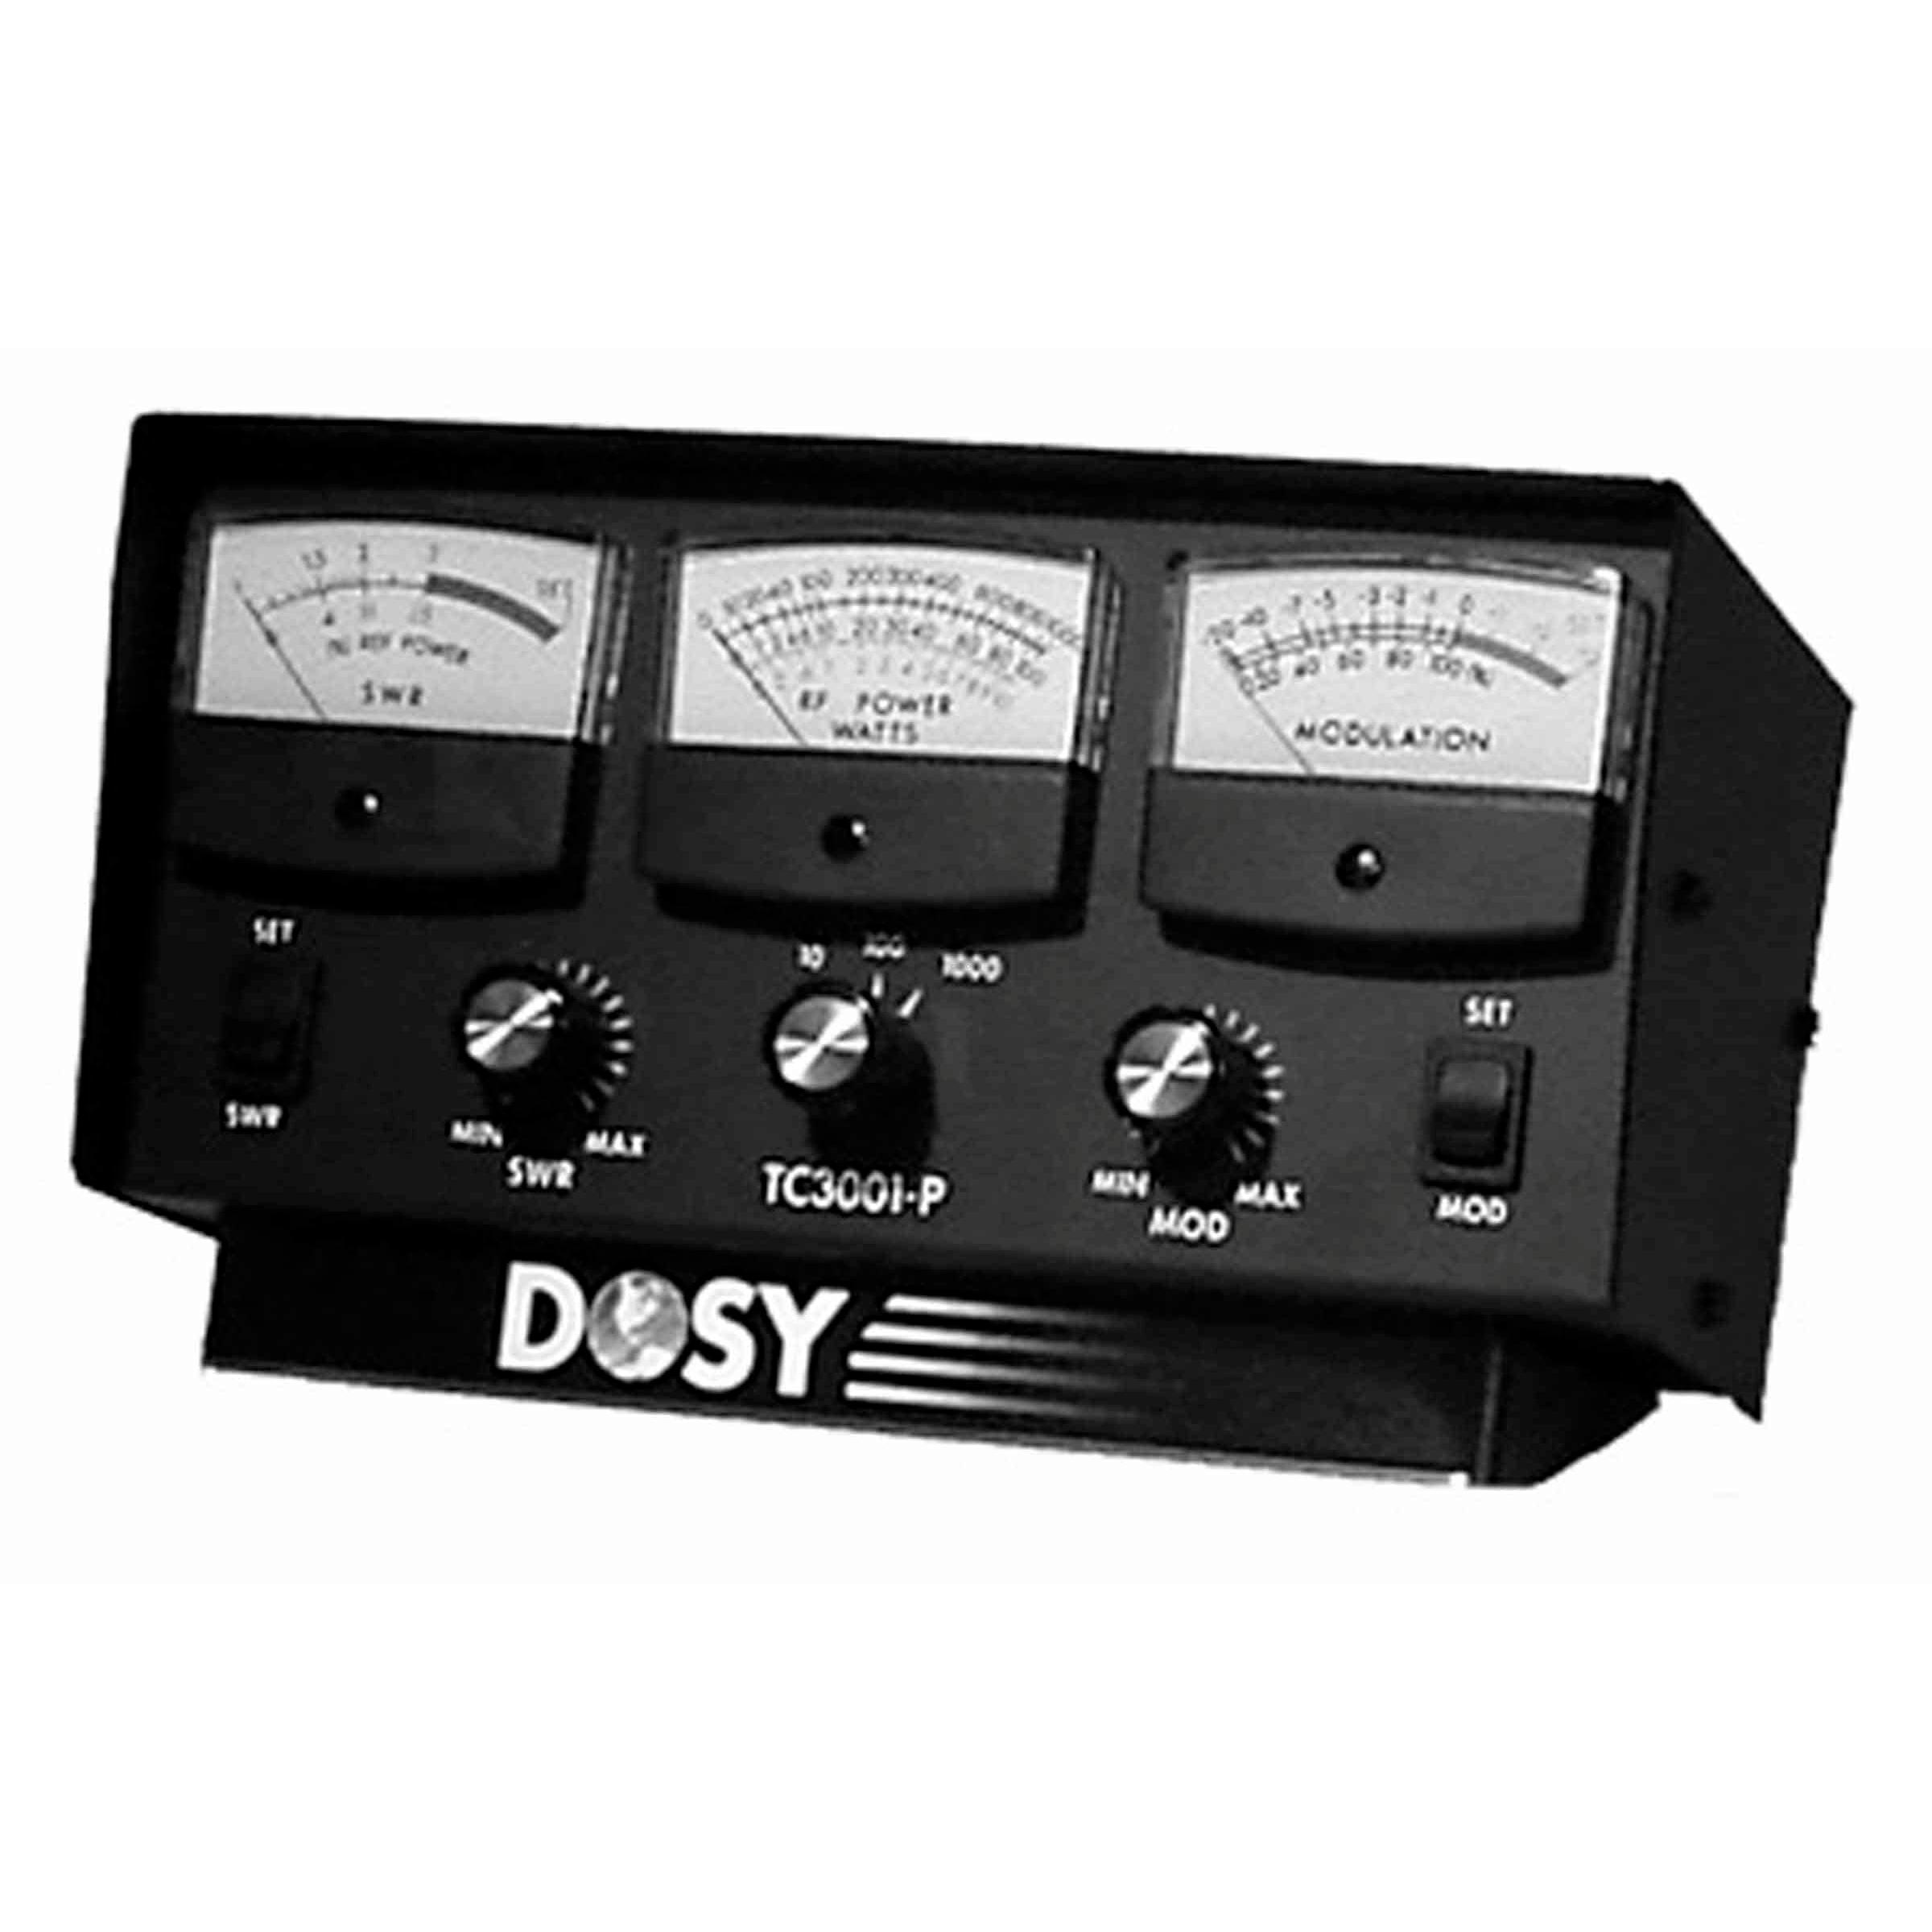 Watt Meter Price List: Dosy Inline SWR Watt Modulation Meter